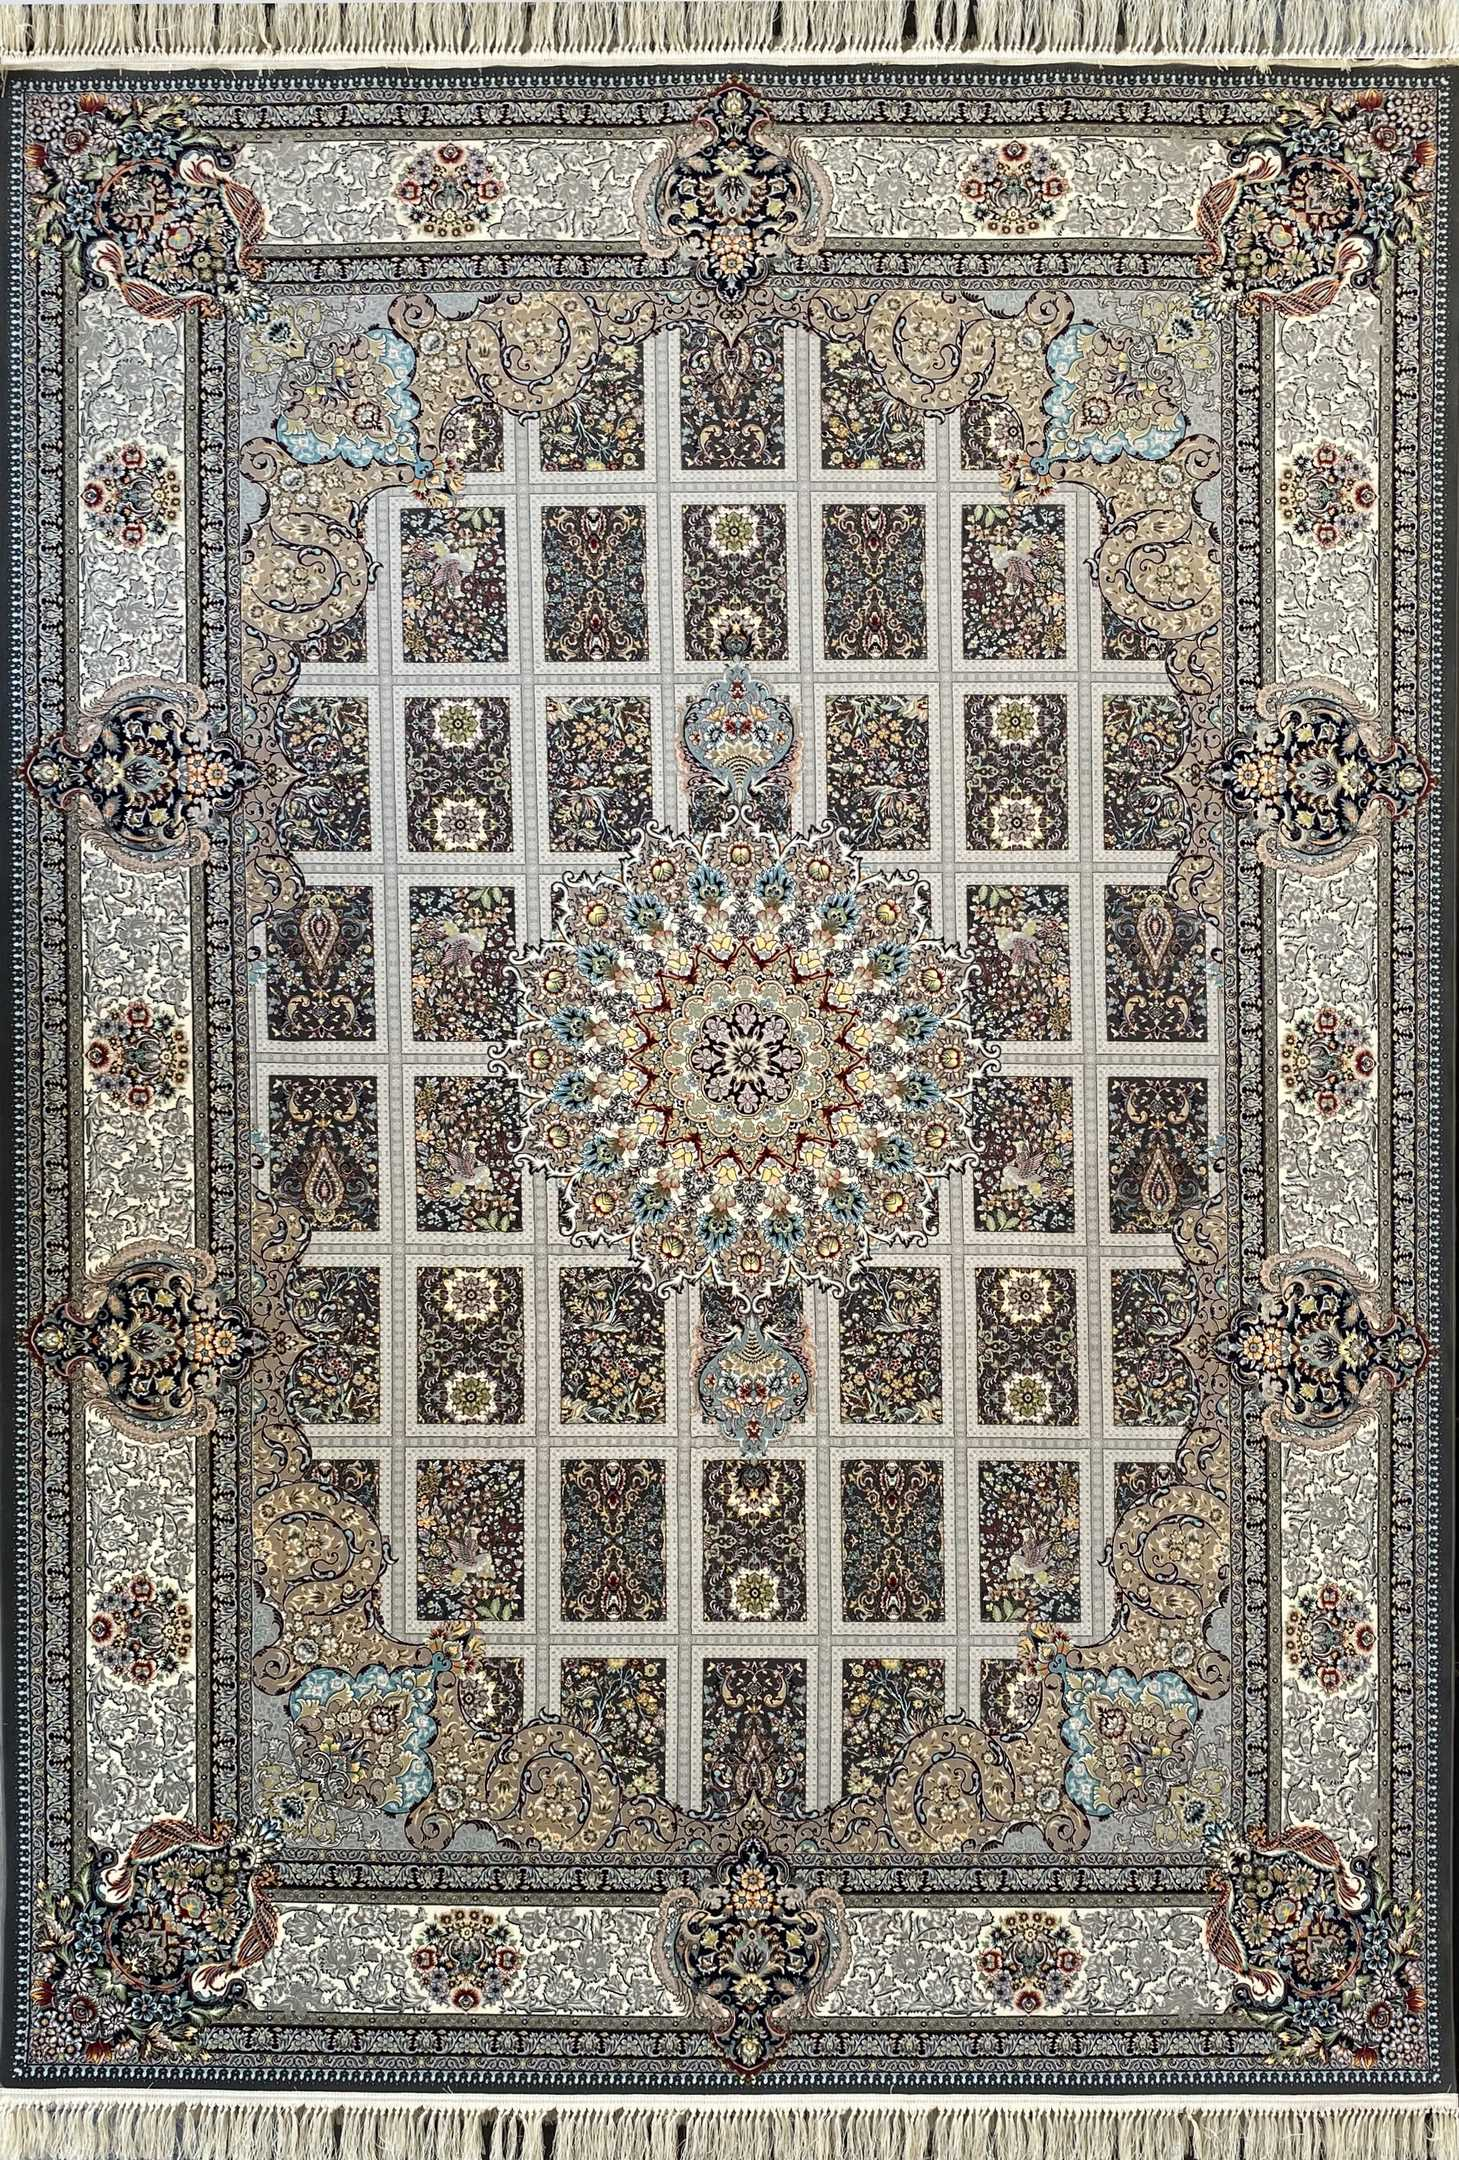 فرش کاشان – 1200 شانه مدل ارگ رنگ دودی